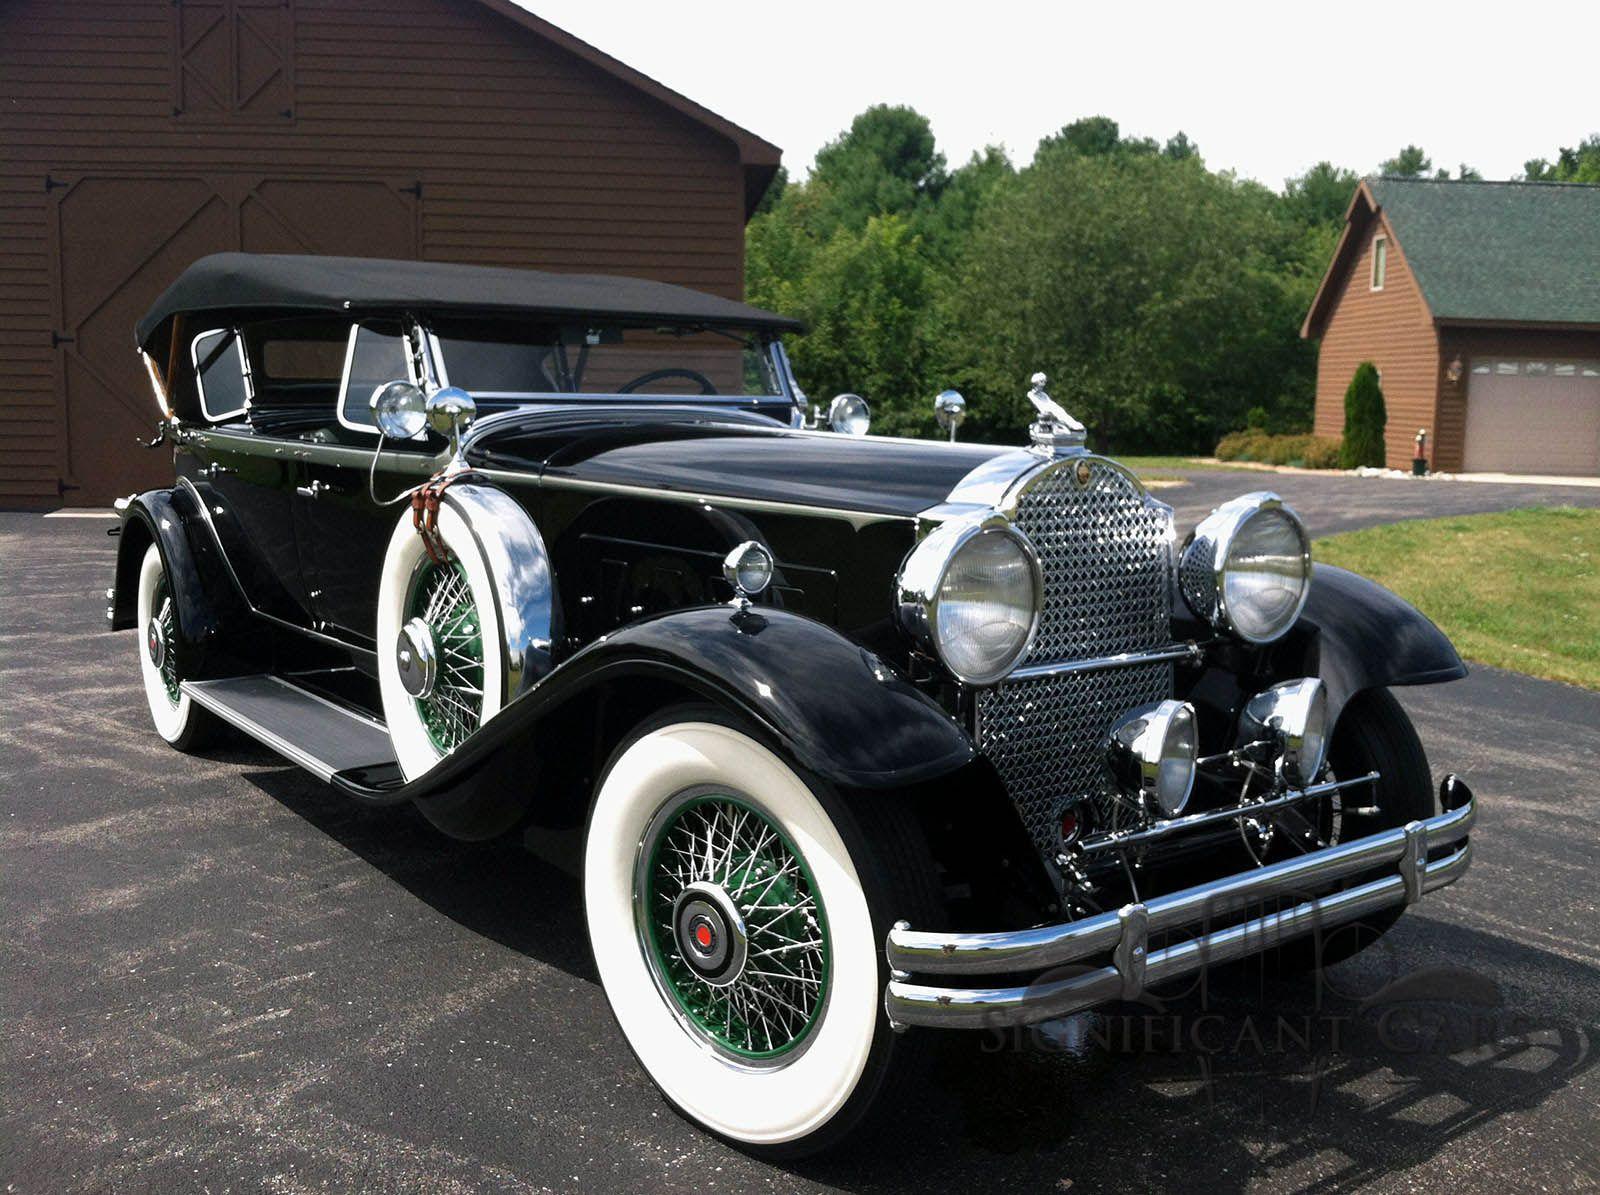 1930 Packard 745 Dual Cowl Phaeton Packard Cars Antique Cars